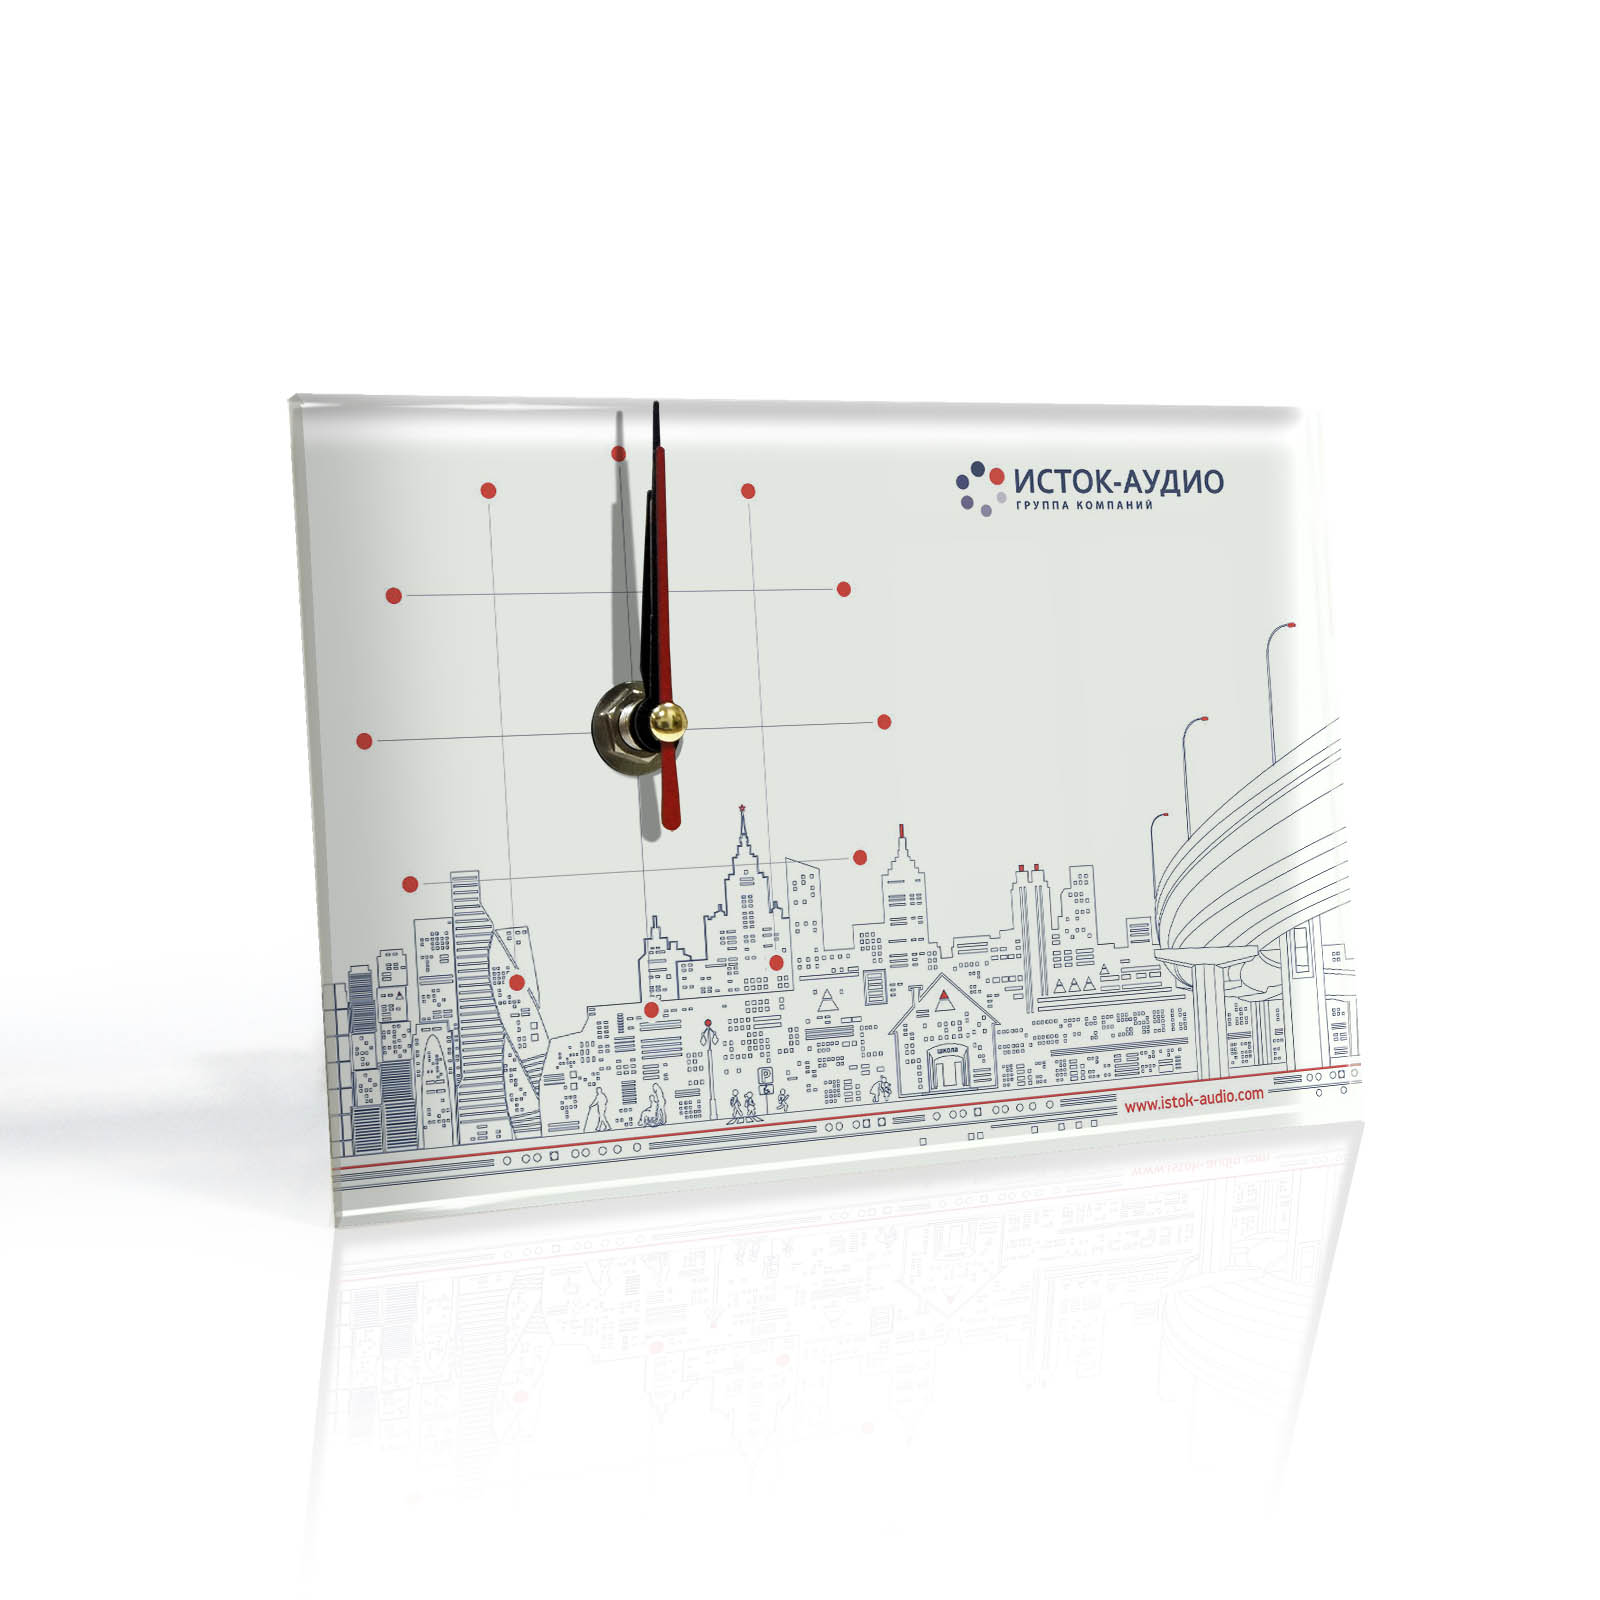 Настенные часы «istok-n»